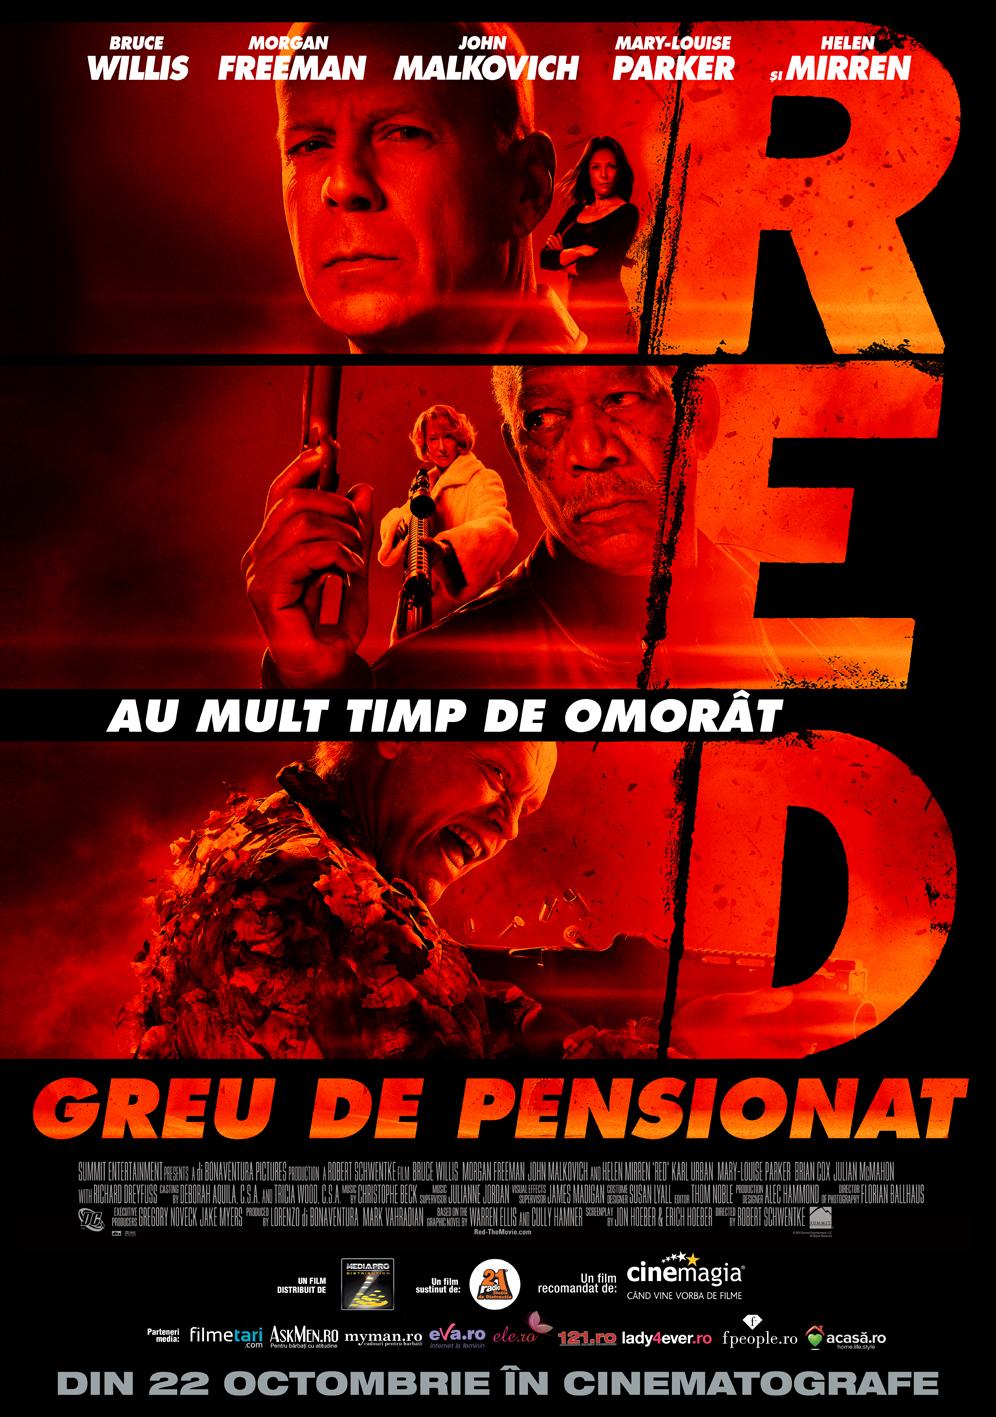 GREU DE PENSIONAT RED